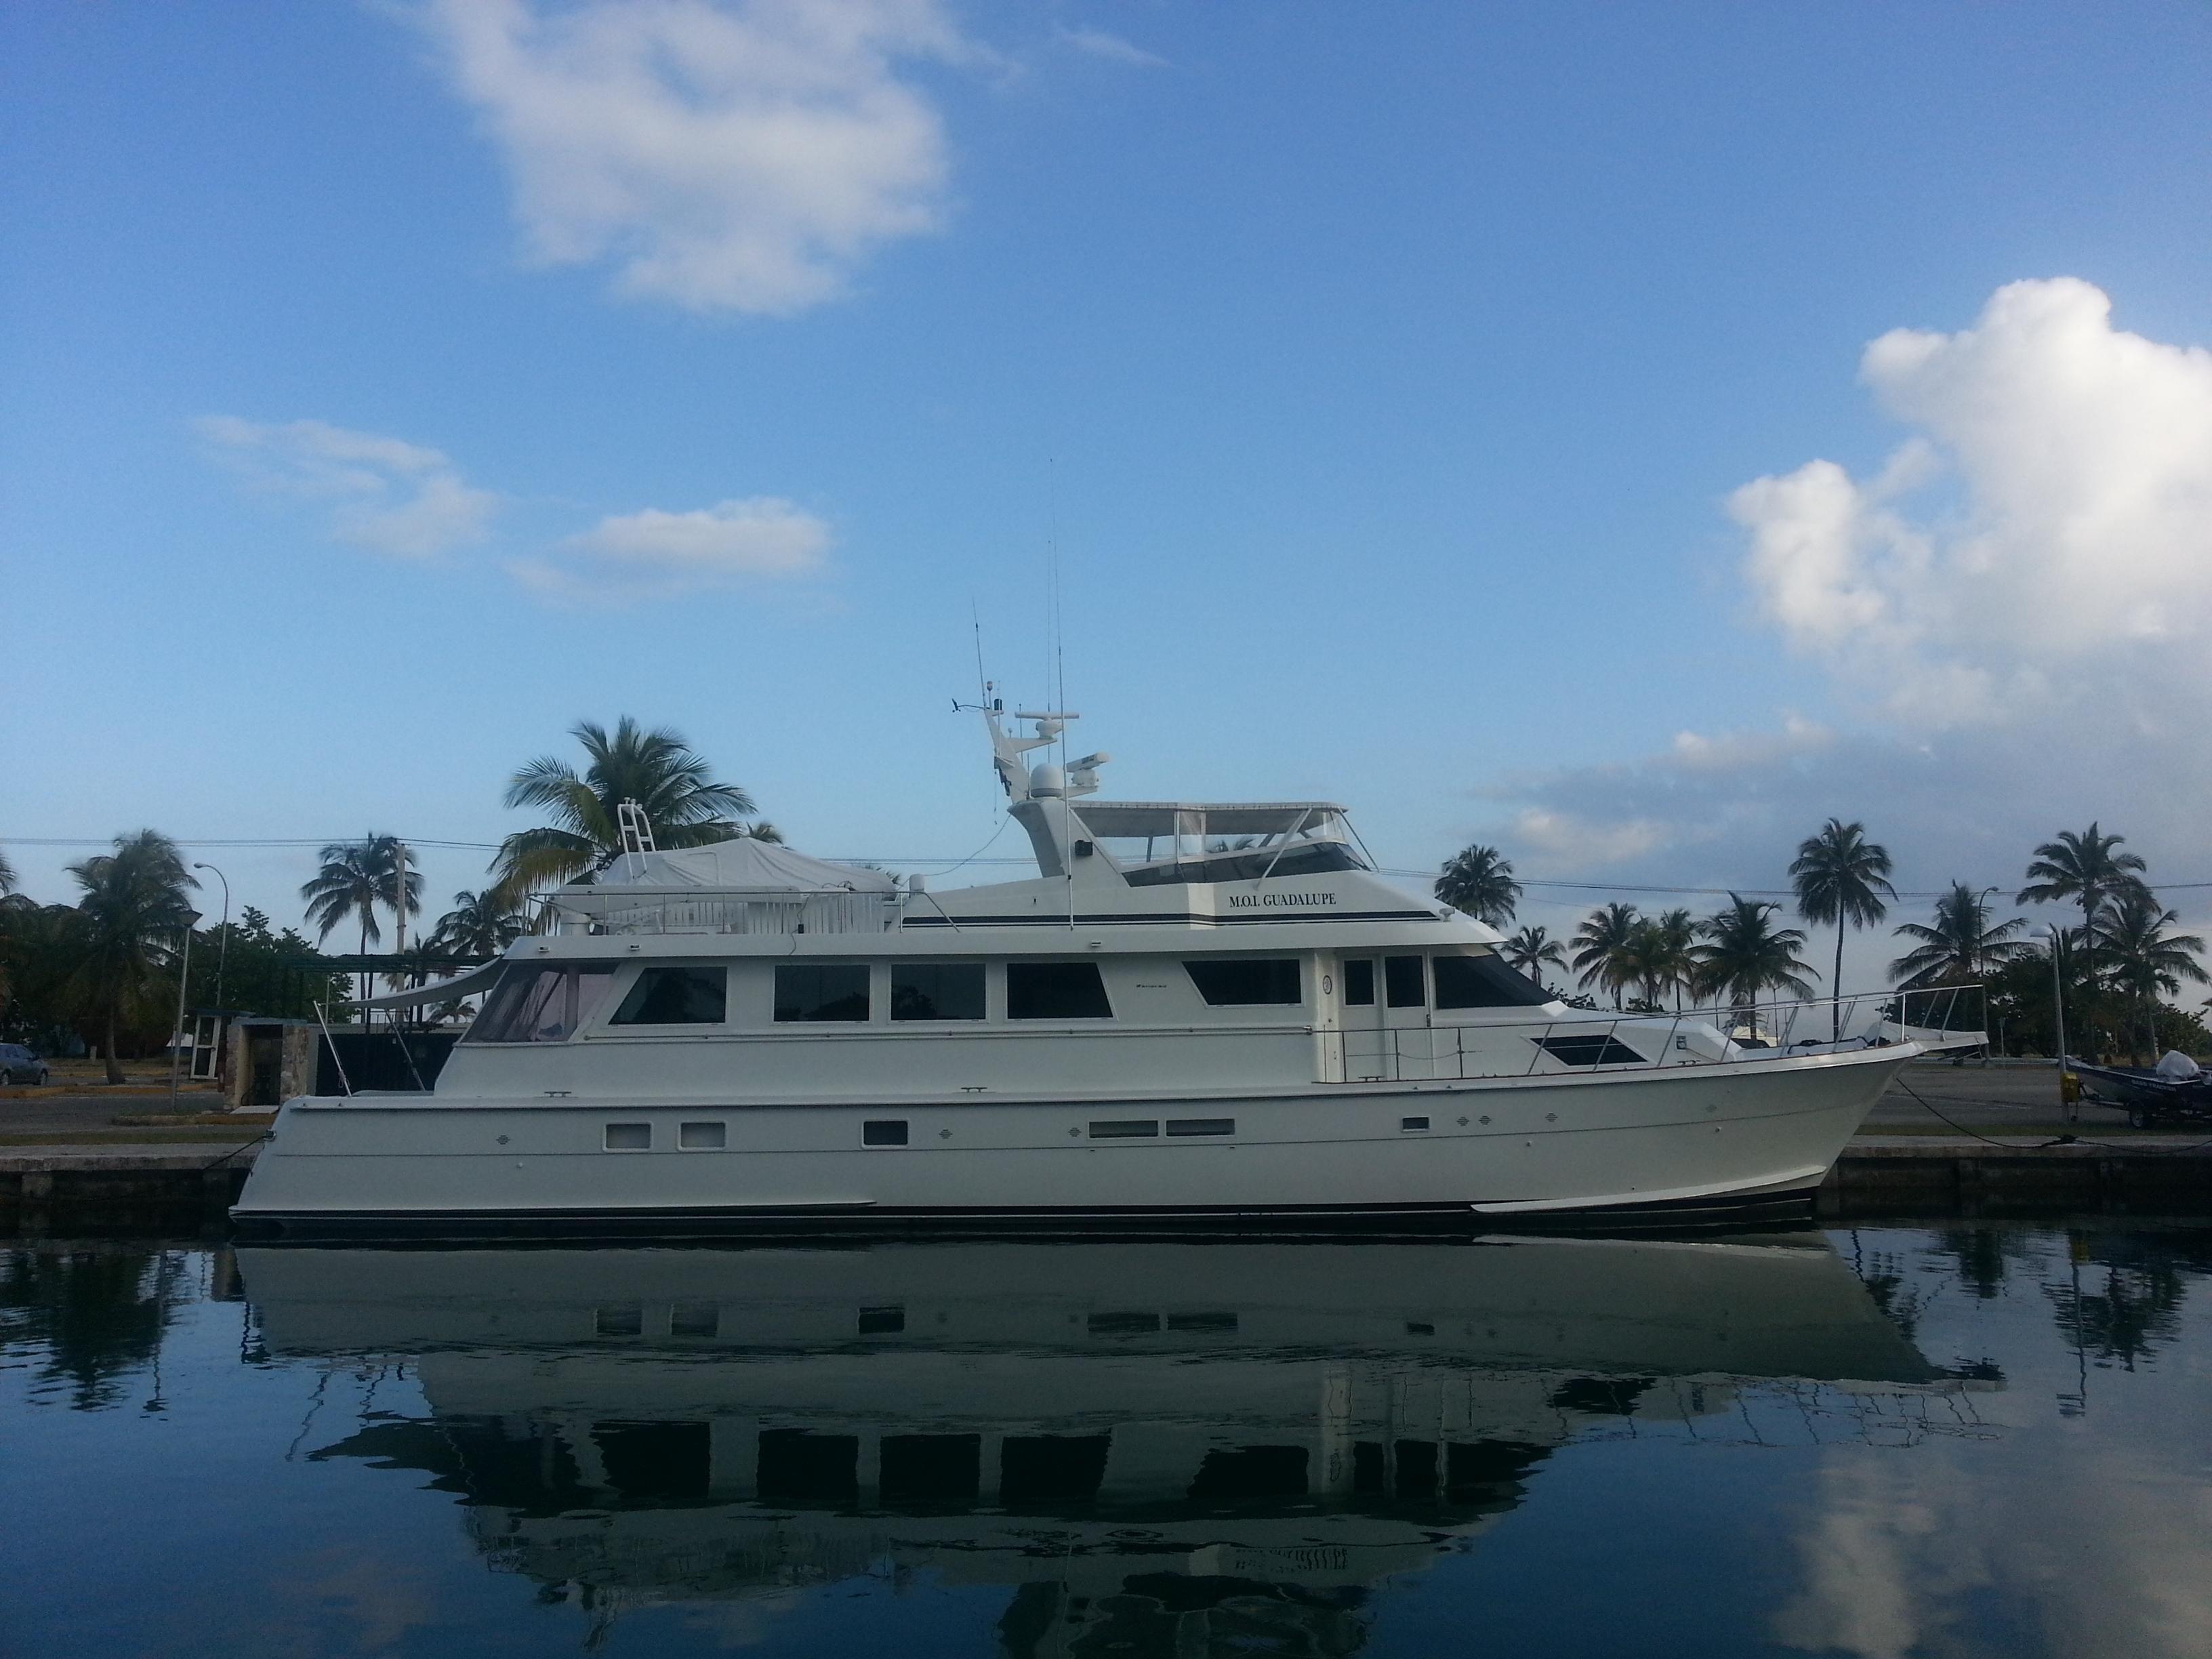 1989 hatteras 82 motor yacht power boat for sale www for 80 hatteras motor yacht